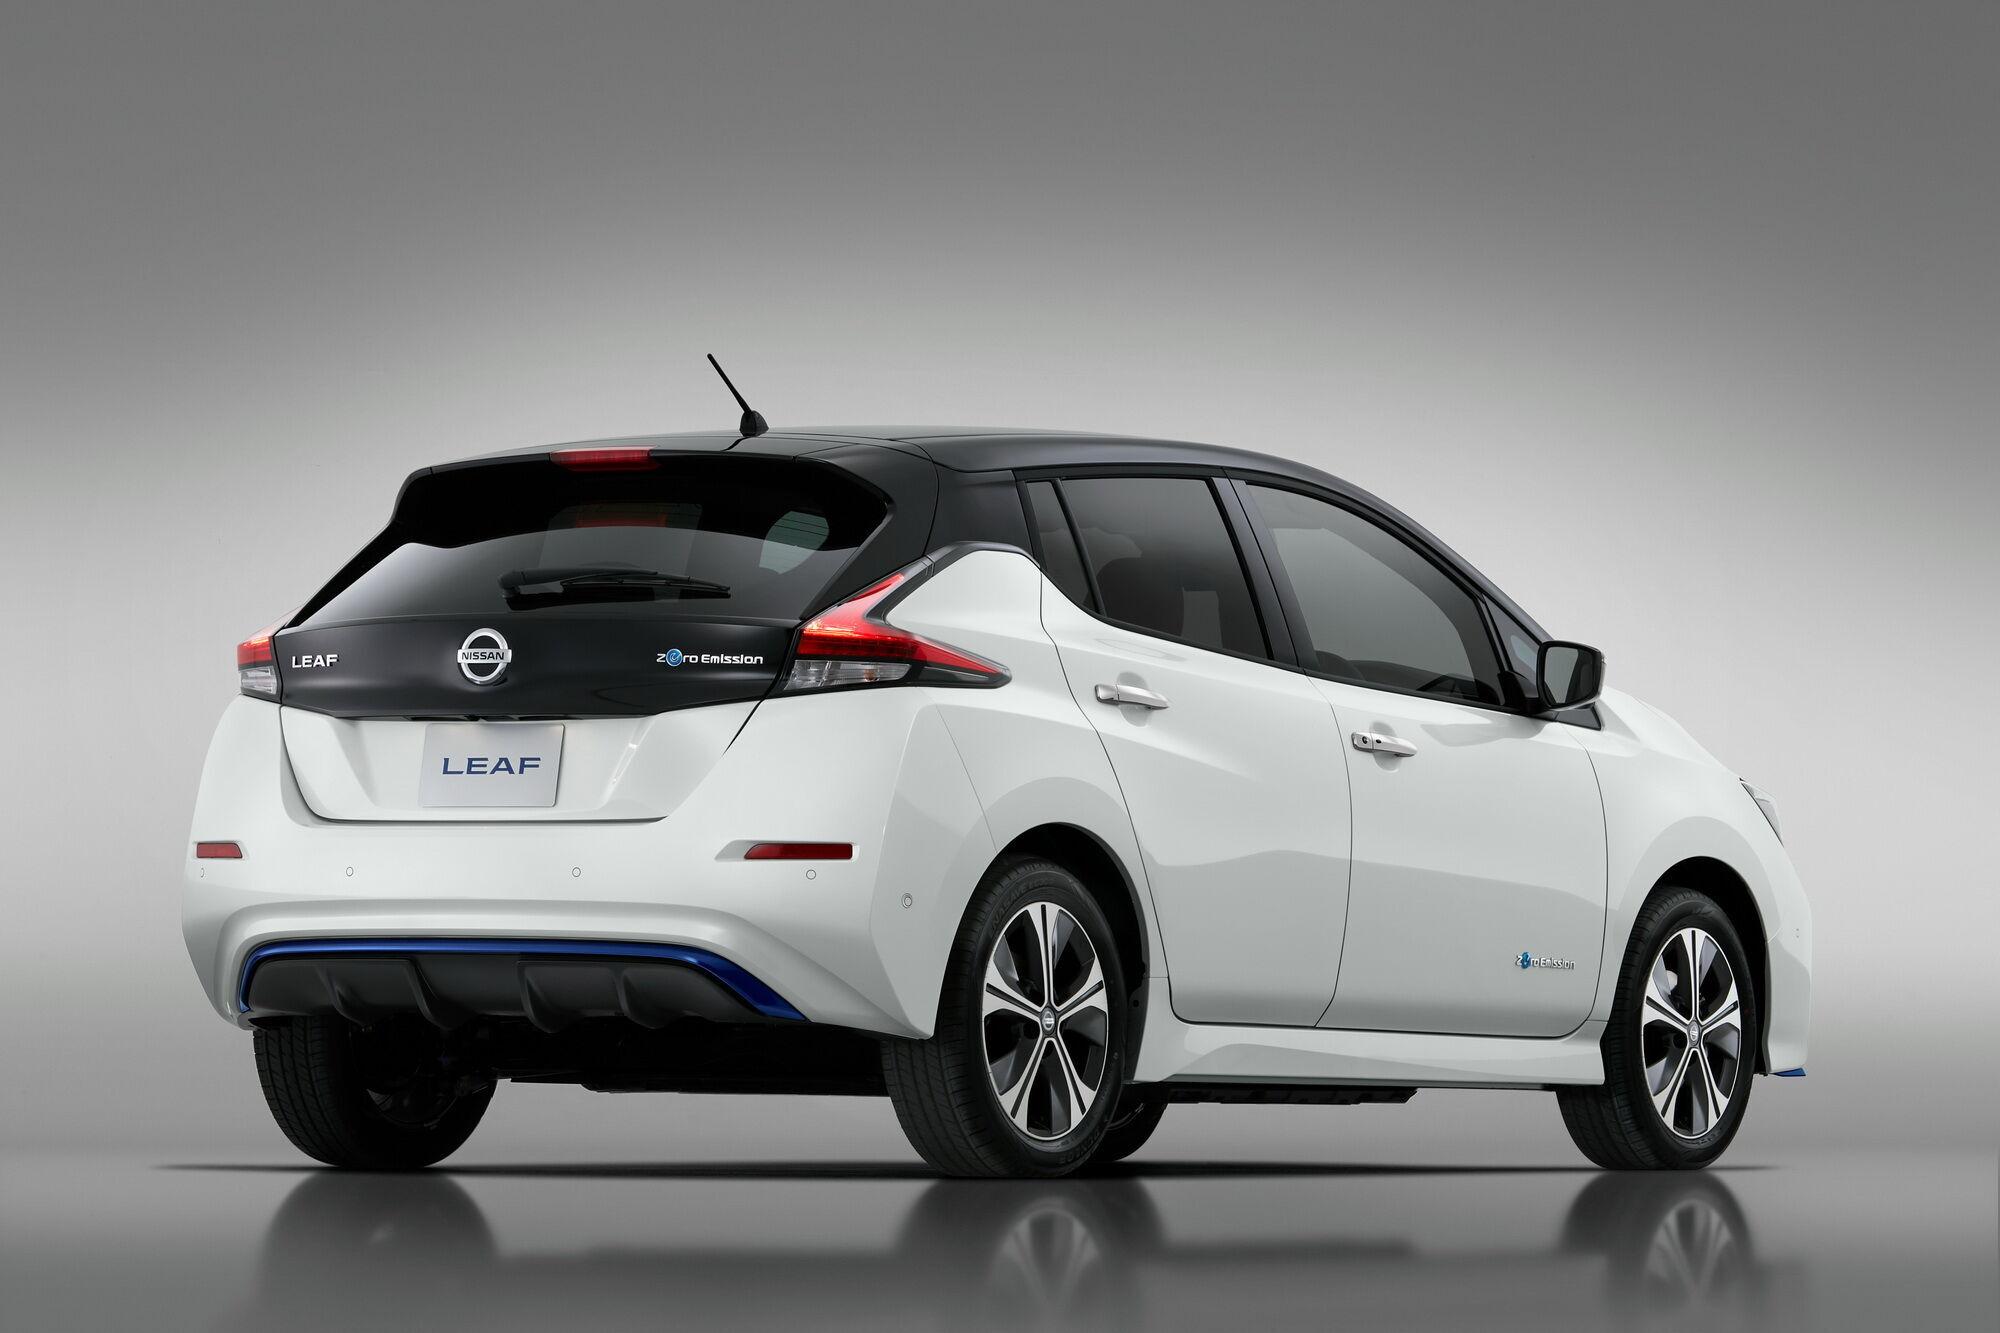 Nissan Leaf является одним из мировых бестселлеров среди электромобилей